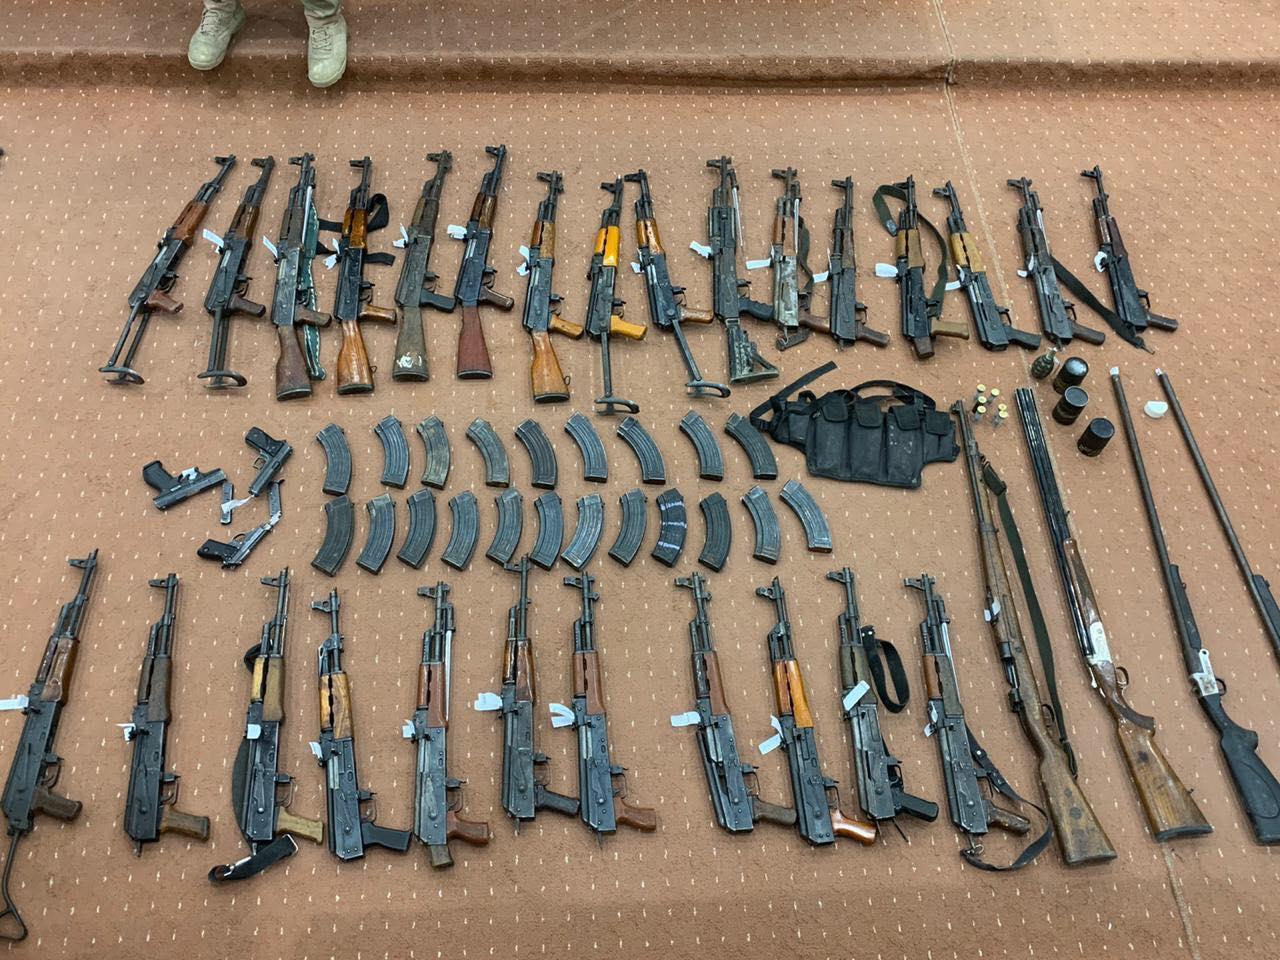 صور من الأسلحة المصادرة نتيجة العمليات الأمنية في البصرة وبغداد